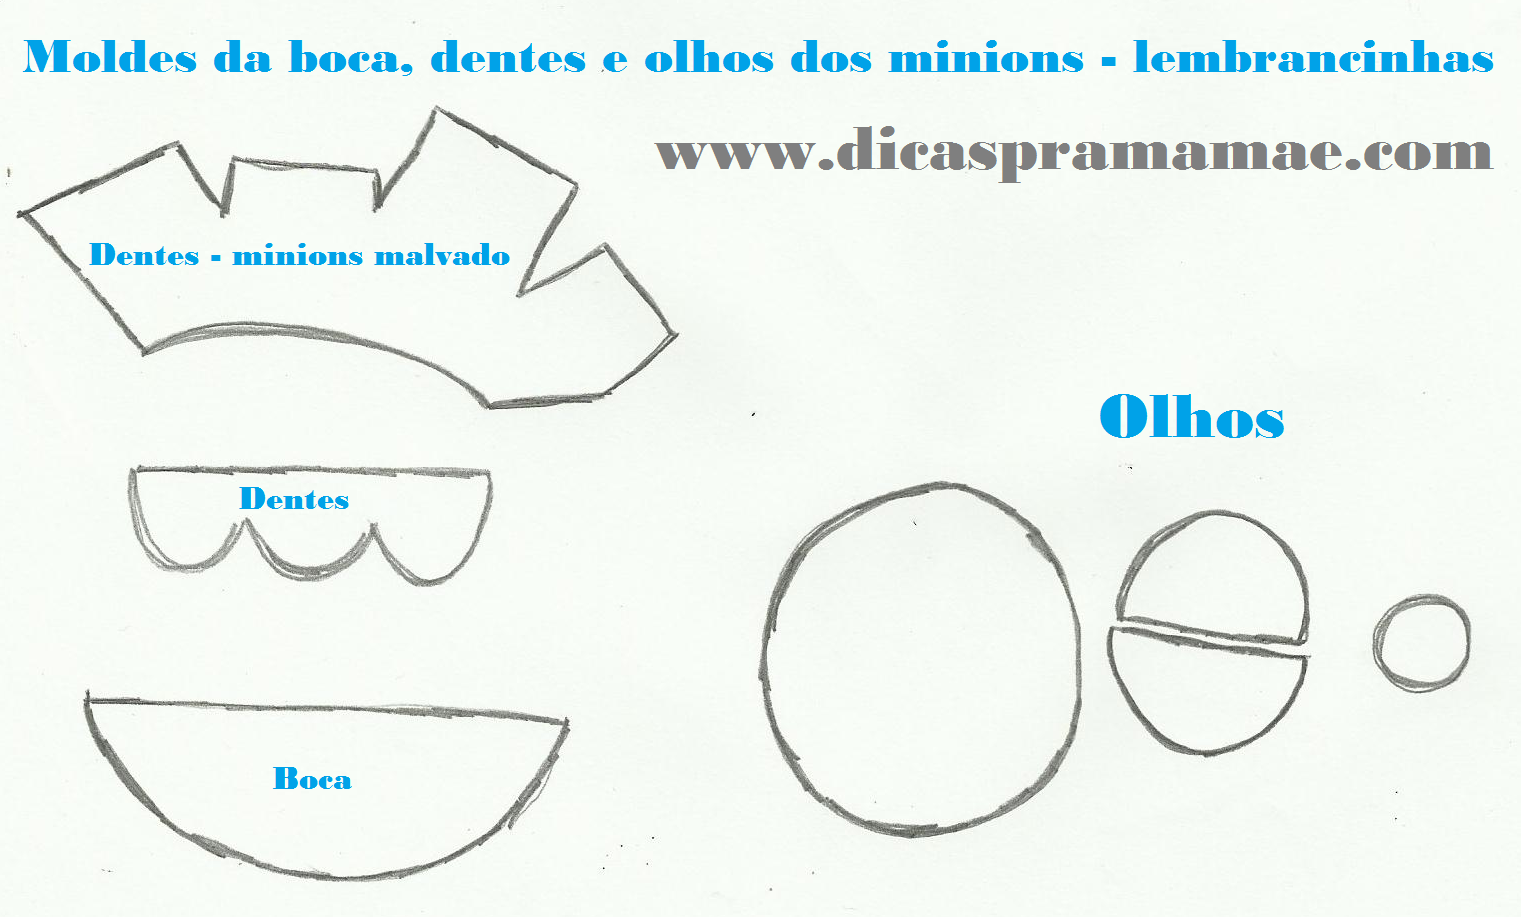 Sacolinha De Feltro Dos Minions Para Festinhas Infantis Dicas